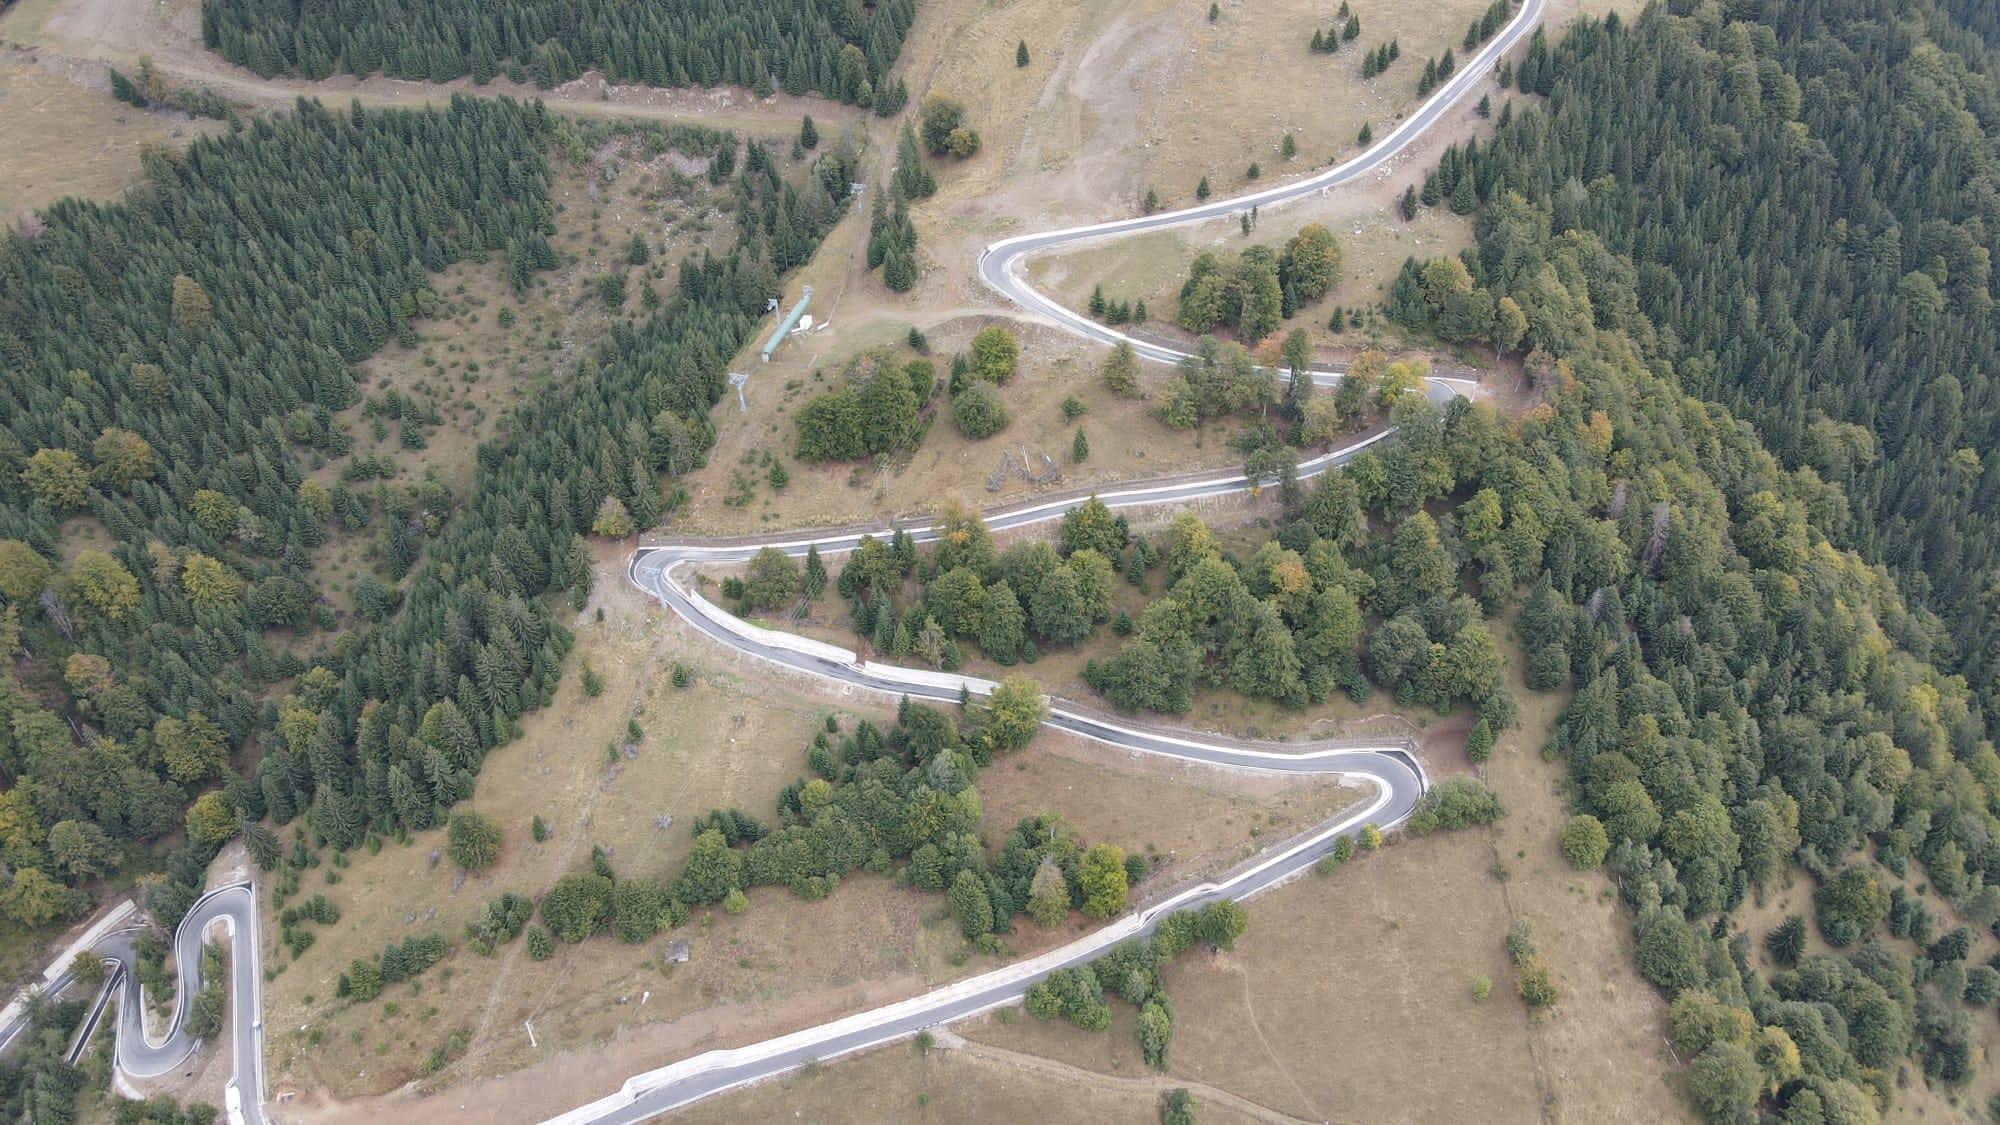 FOTO  Imagini spectaculoase cu drumul din Parâng. Cum se vede de sus fâșia șerpuită de șosea, deschisă traficului rutier